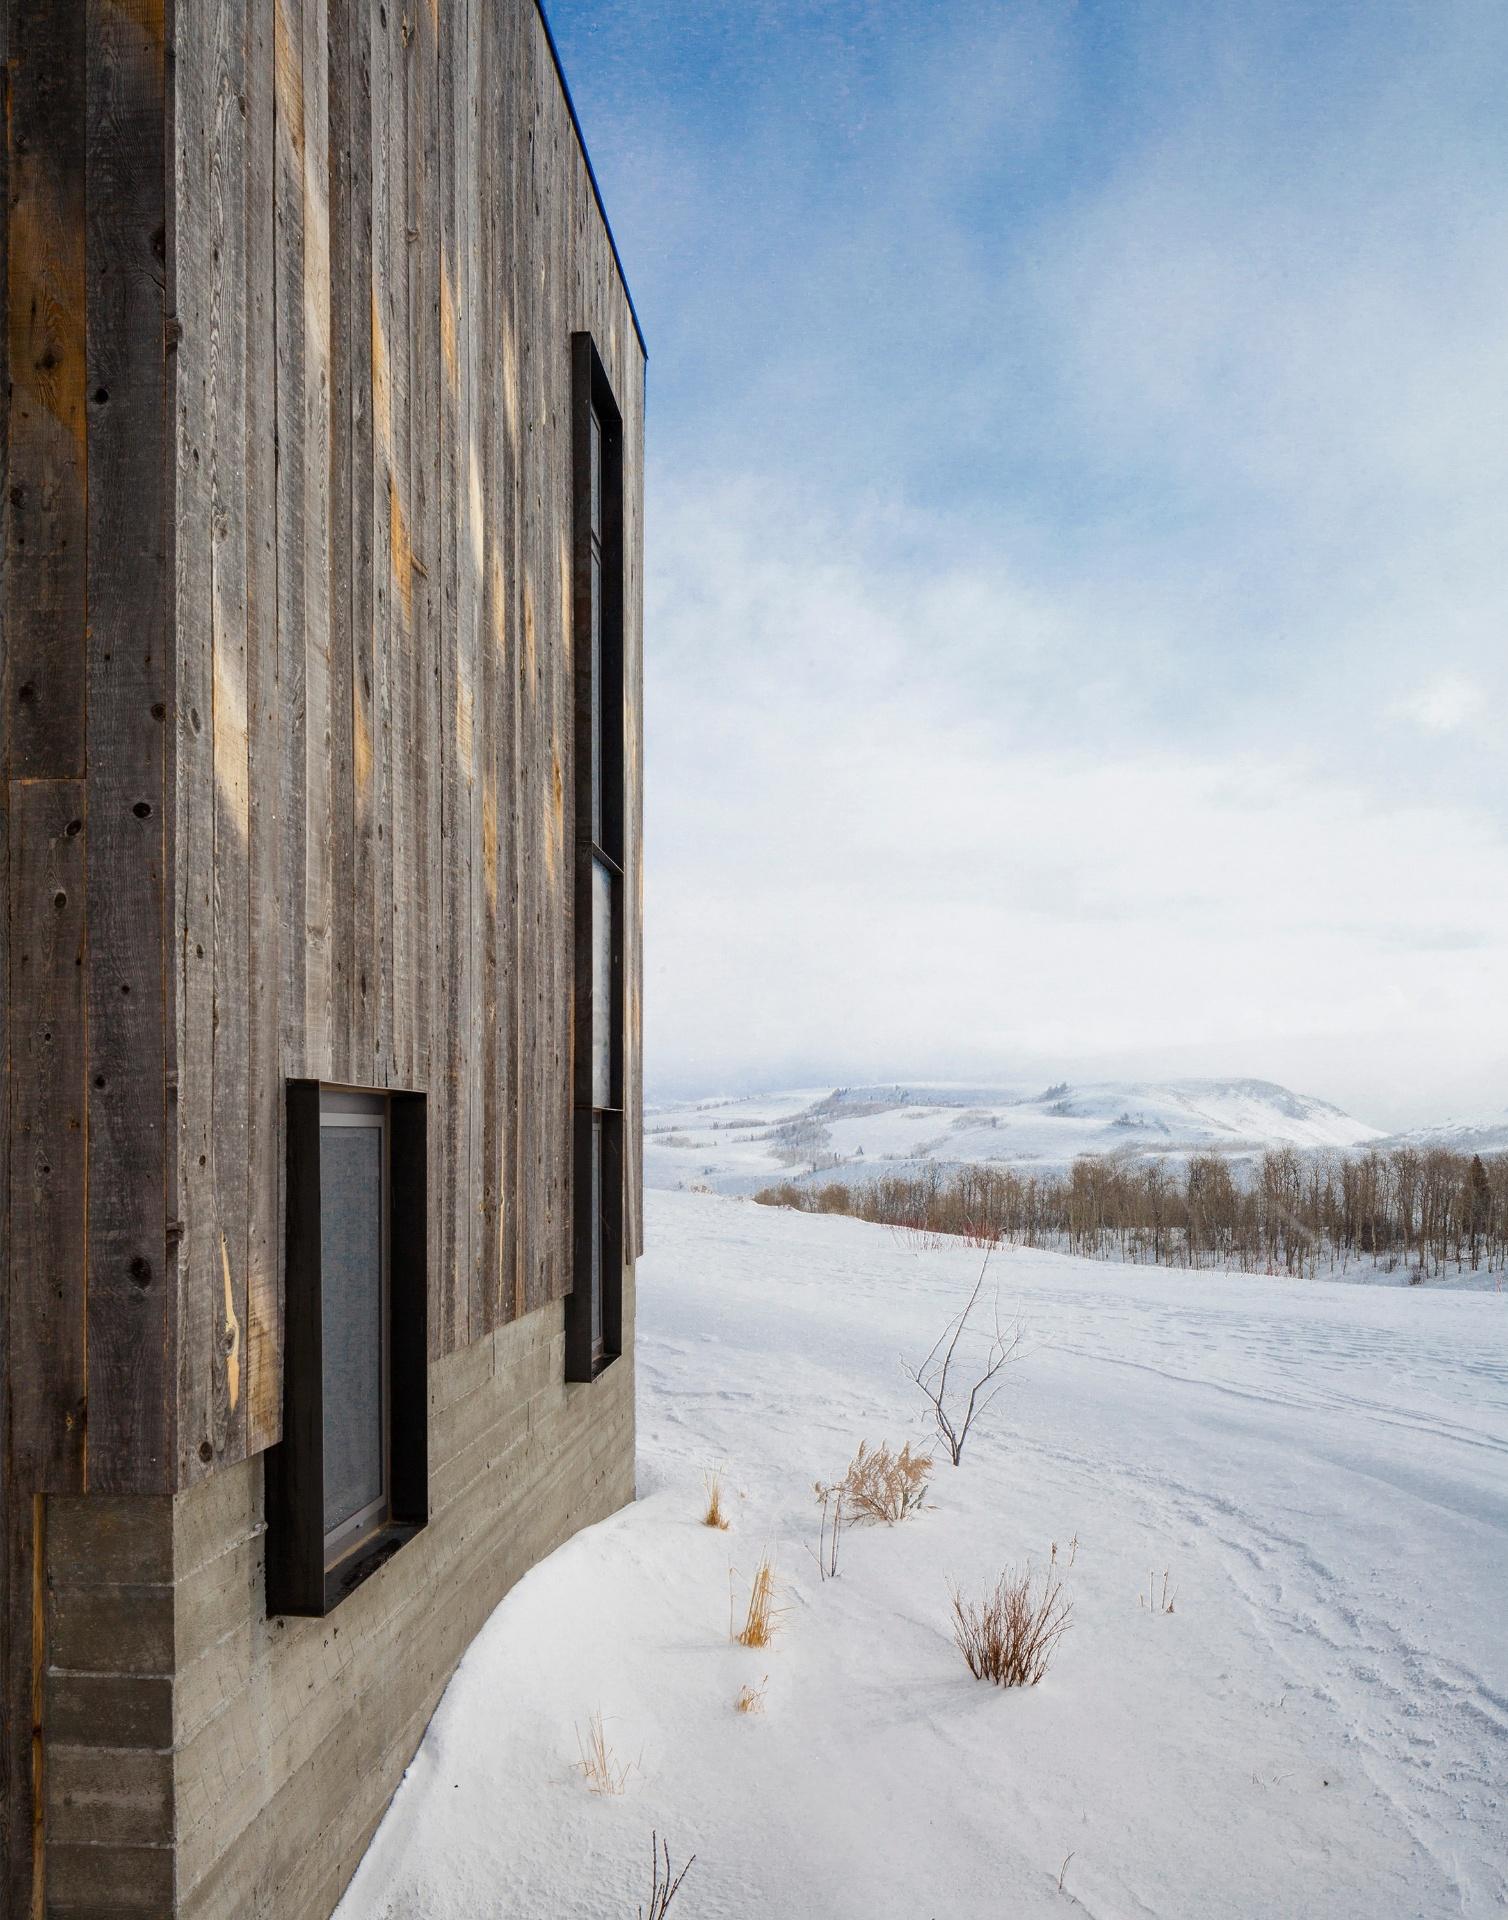 Detalhe de uma das laterais da casa em Wyoming, revestida por madeira (Imagem do NYT, usar apenas no respectivo material)